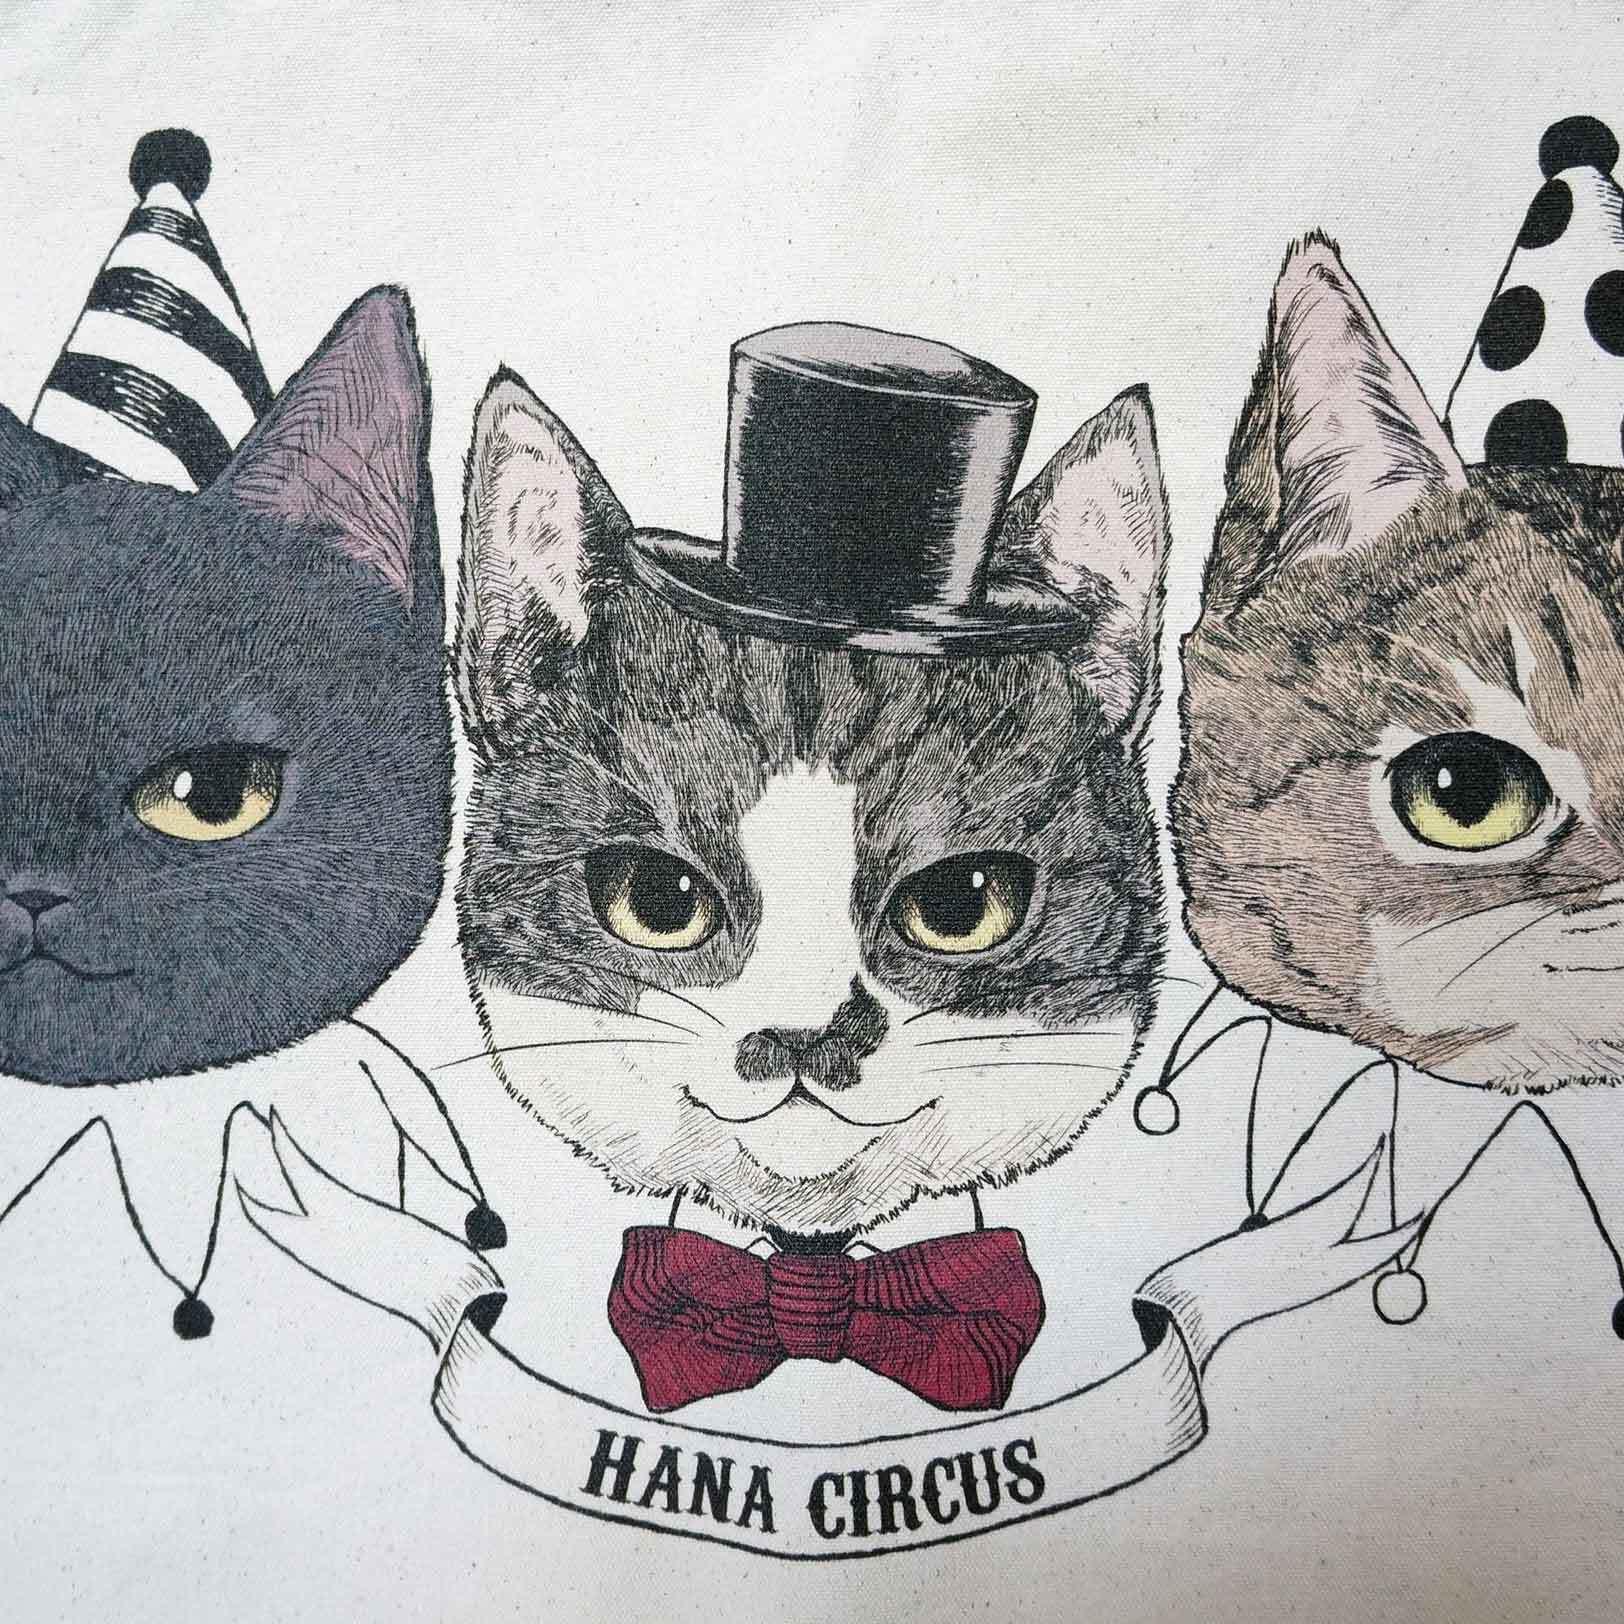 873f58e9c988 【送料無料】HANA circus original キャンバストートバッグ Lサイズ 猫 はちわれ キジトラ 黒猫